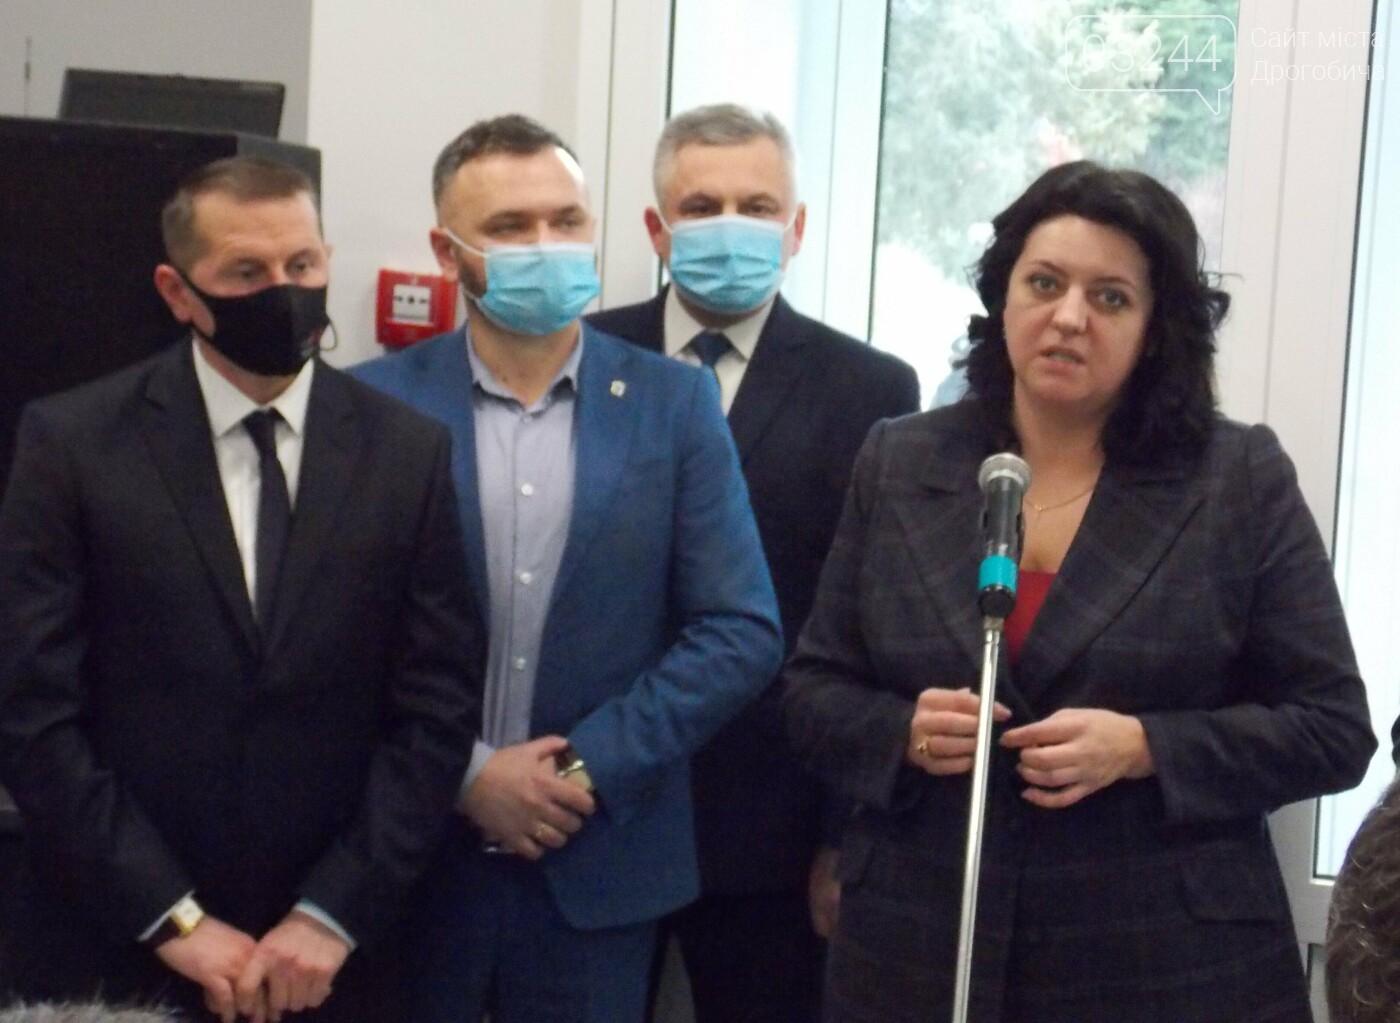 У Дрогобичі відкрили реконструйоване відділення екстреної та невідкладної медичної допомоги, - ФОТОРЕПОРТАЖ, фото-16